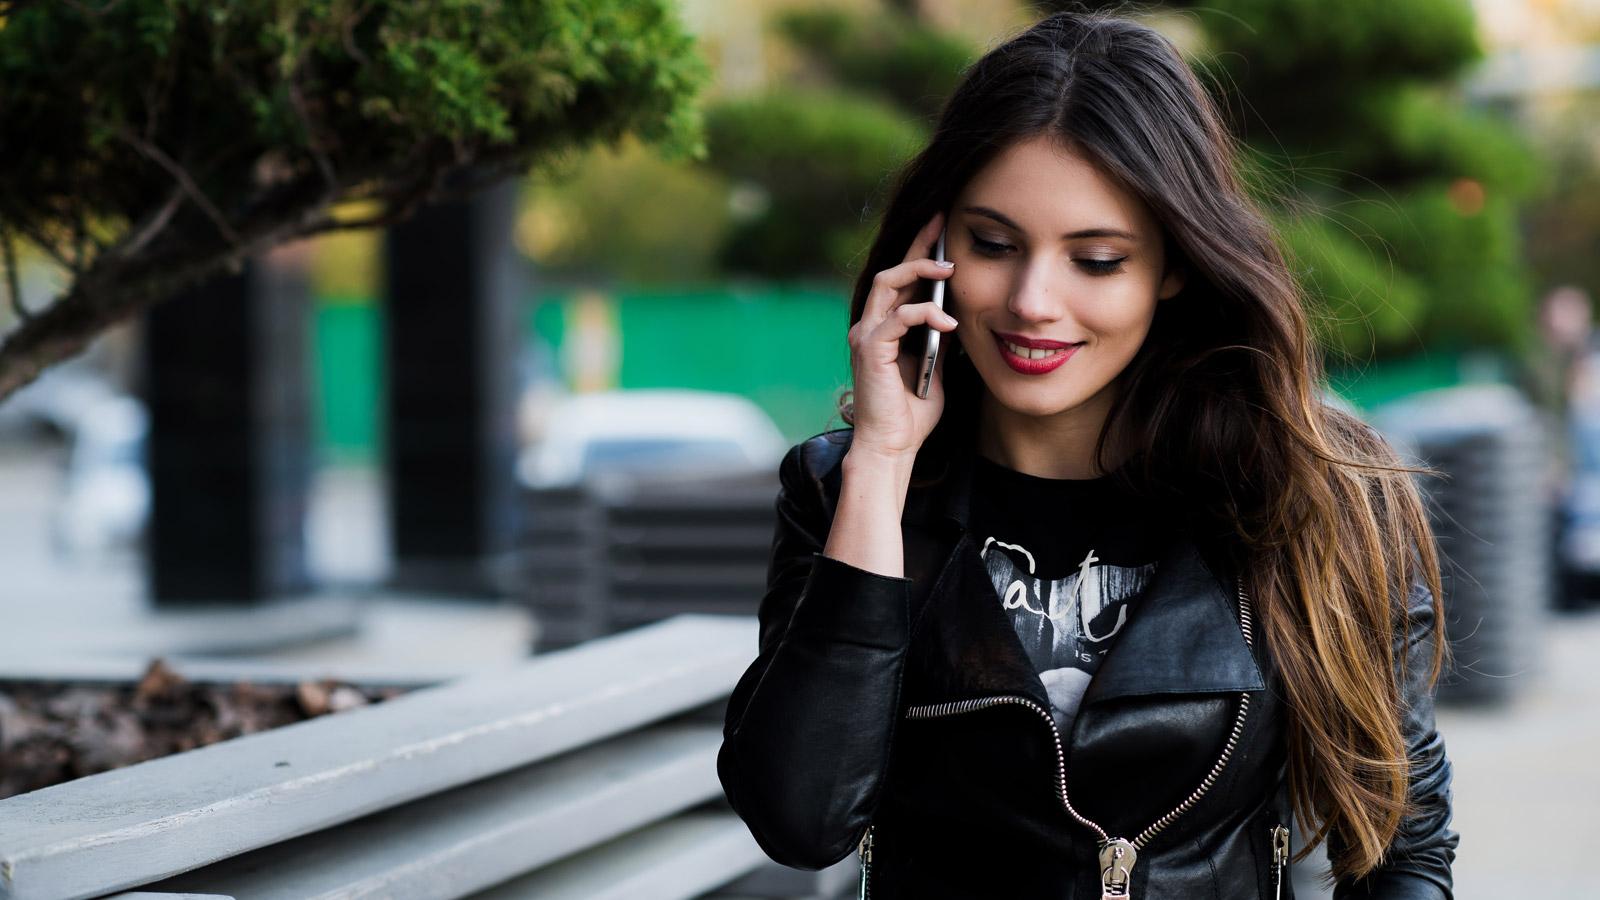 Dlaczego telefony są przyszłością handlu - 6 powodów handel mediarun dziewczyna telefon komorka zakupy 2019